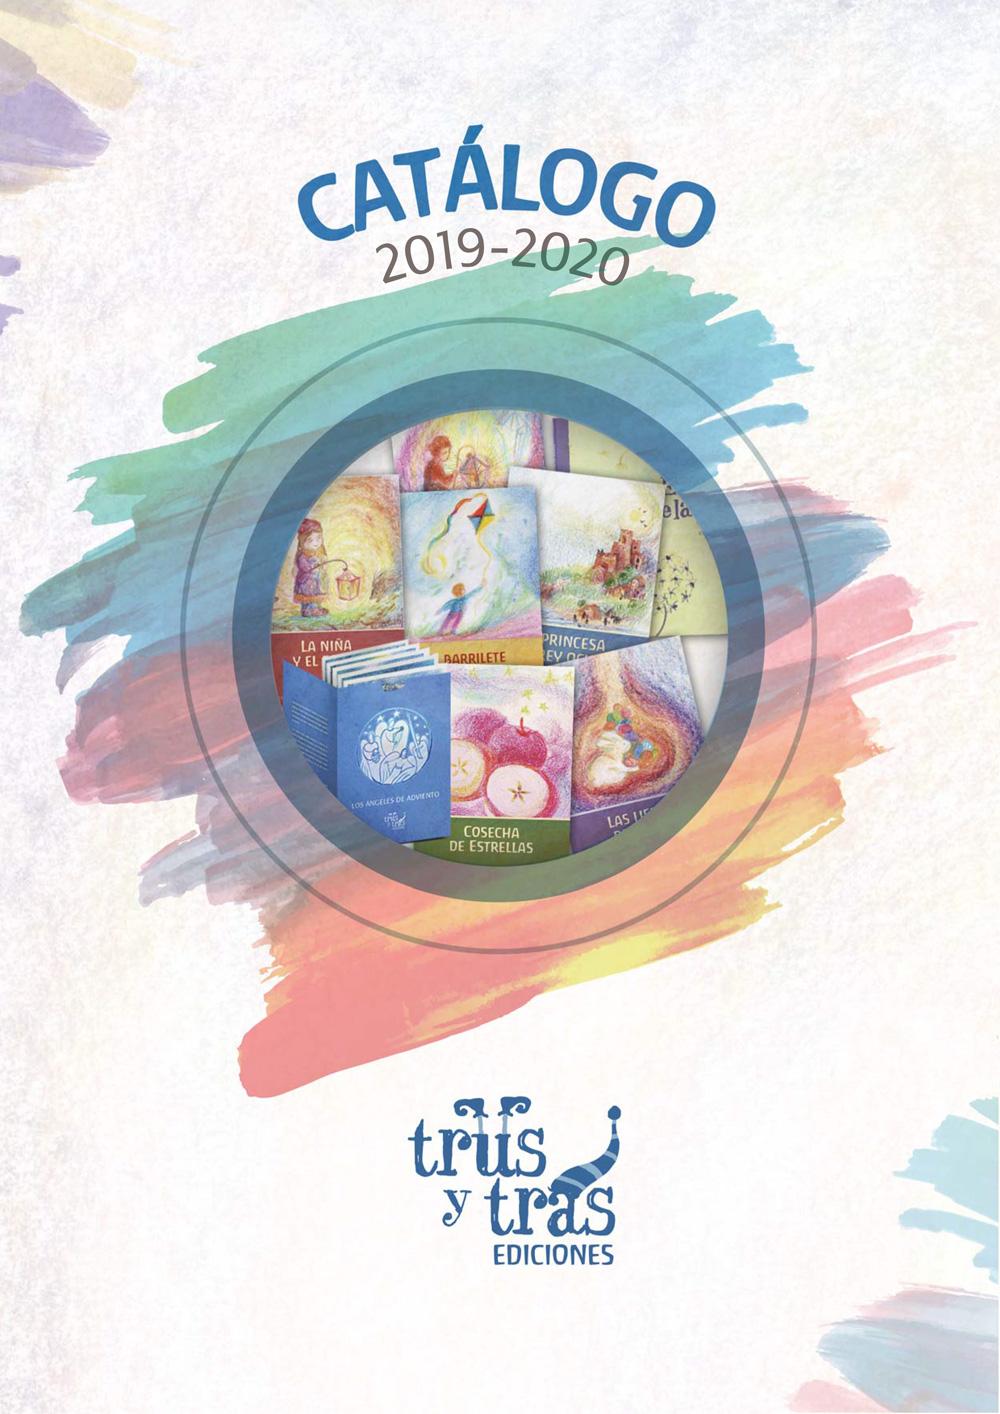 Presentamos el catálogo 2019-2020 de Trus y Tras Ediciones